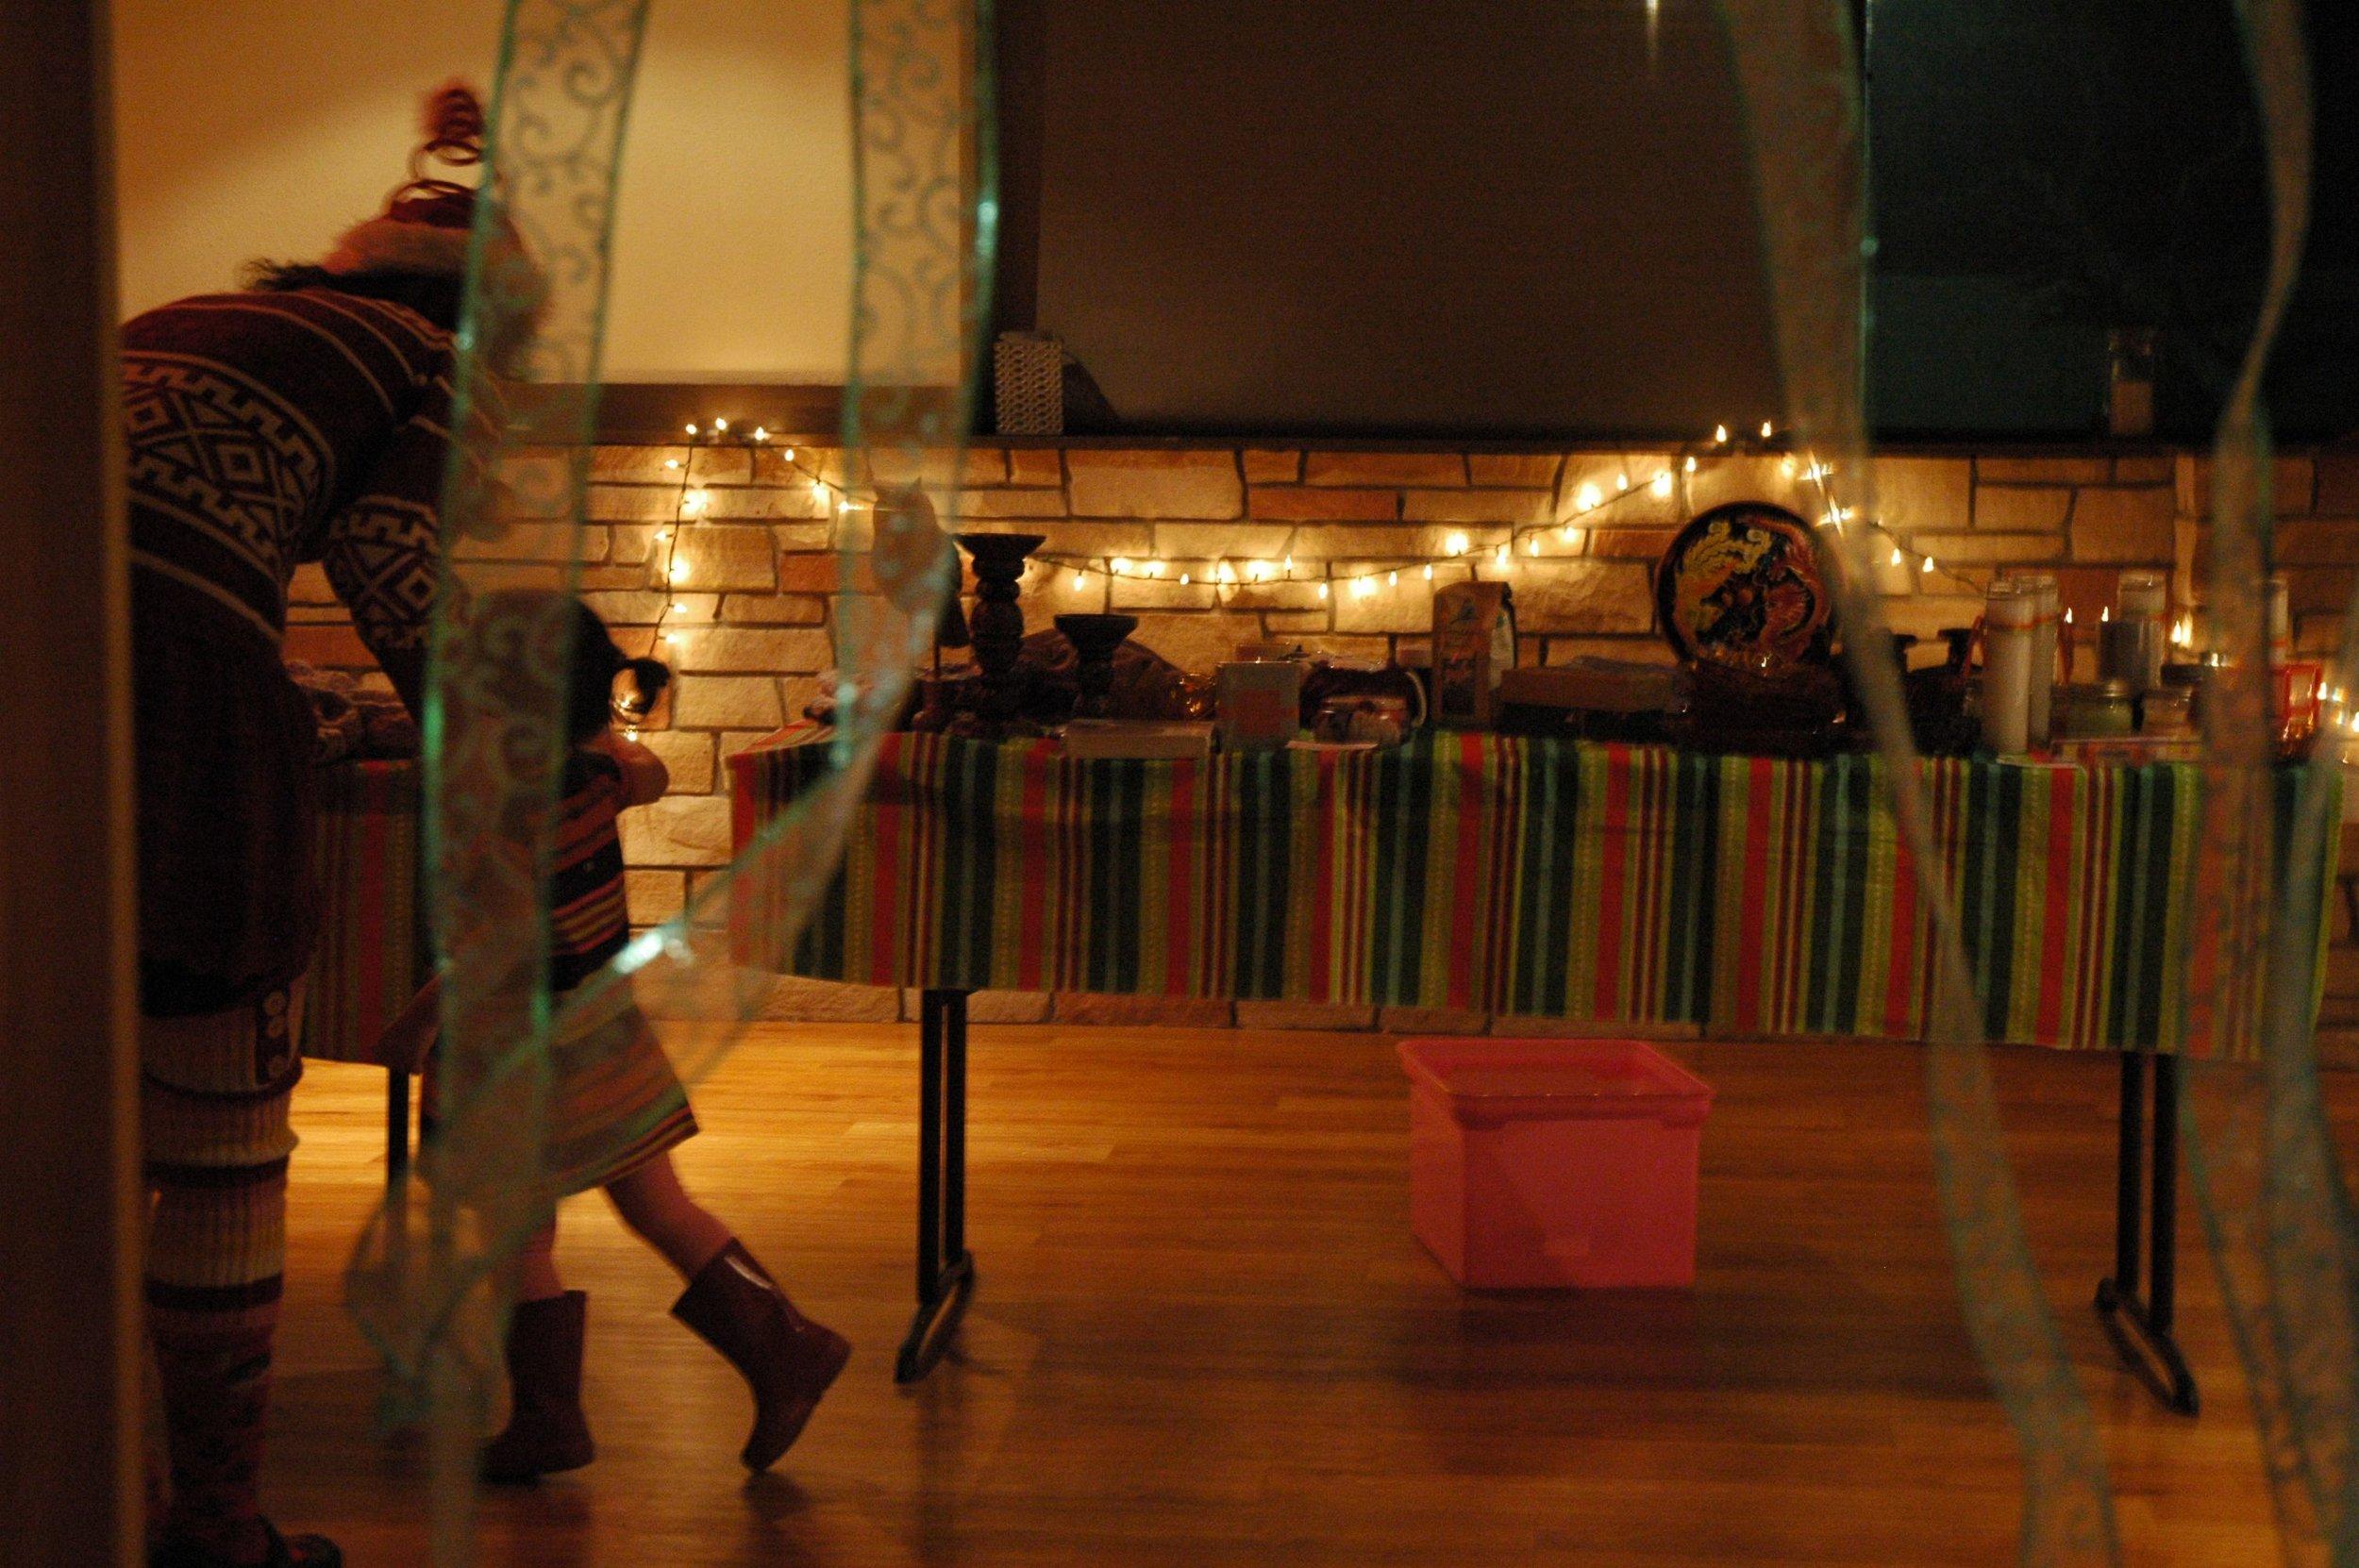 secret-santa-at-yoga-studio-3.jpg